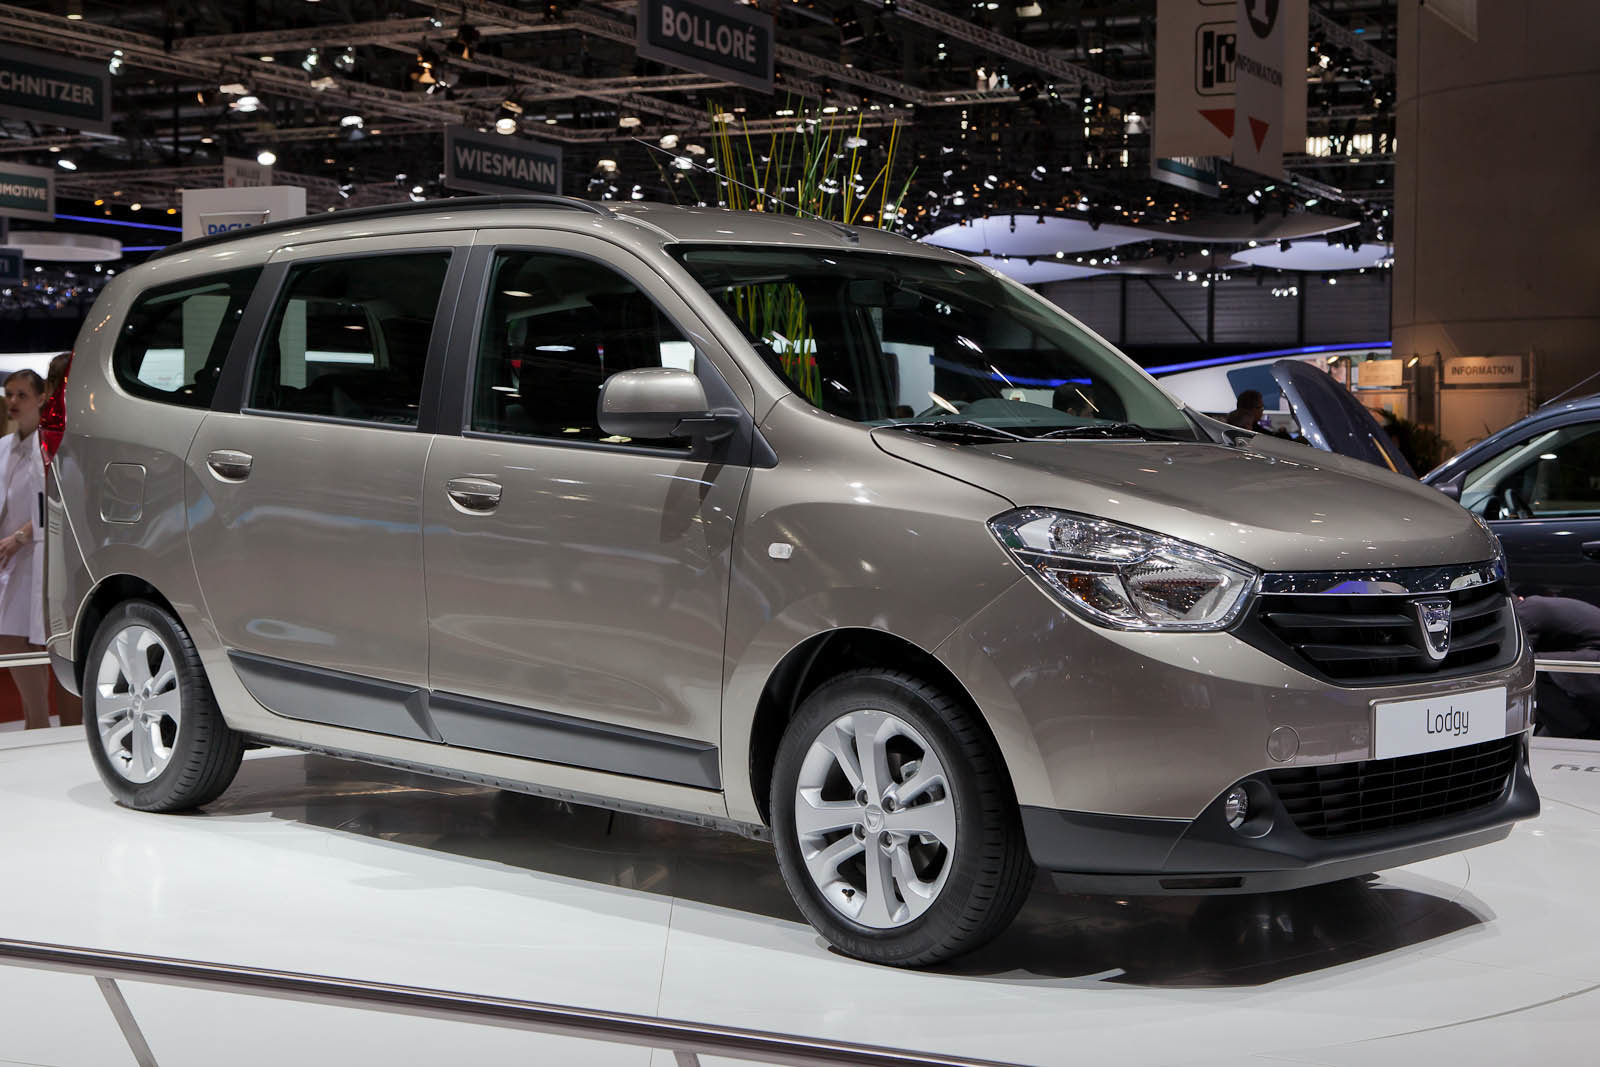 Foto dacia lodgy tanto spazio piccolo prezzo for Dacia immagini